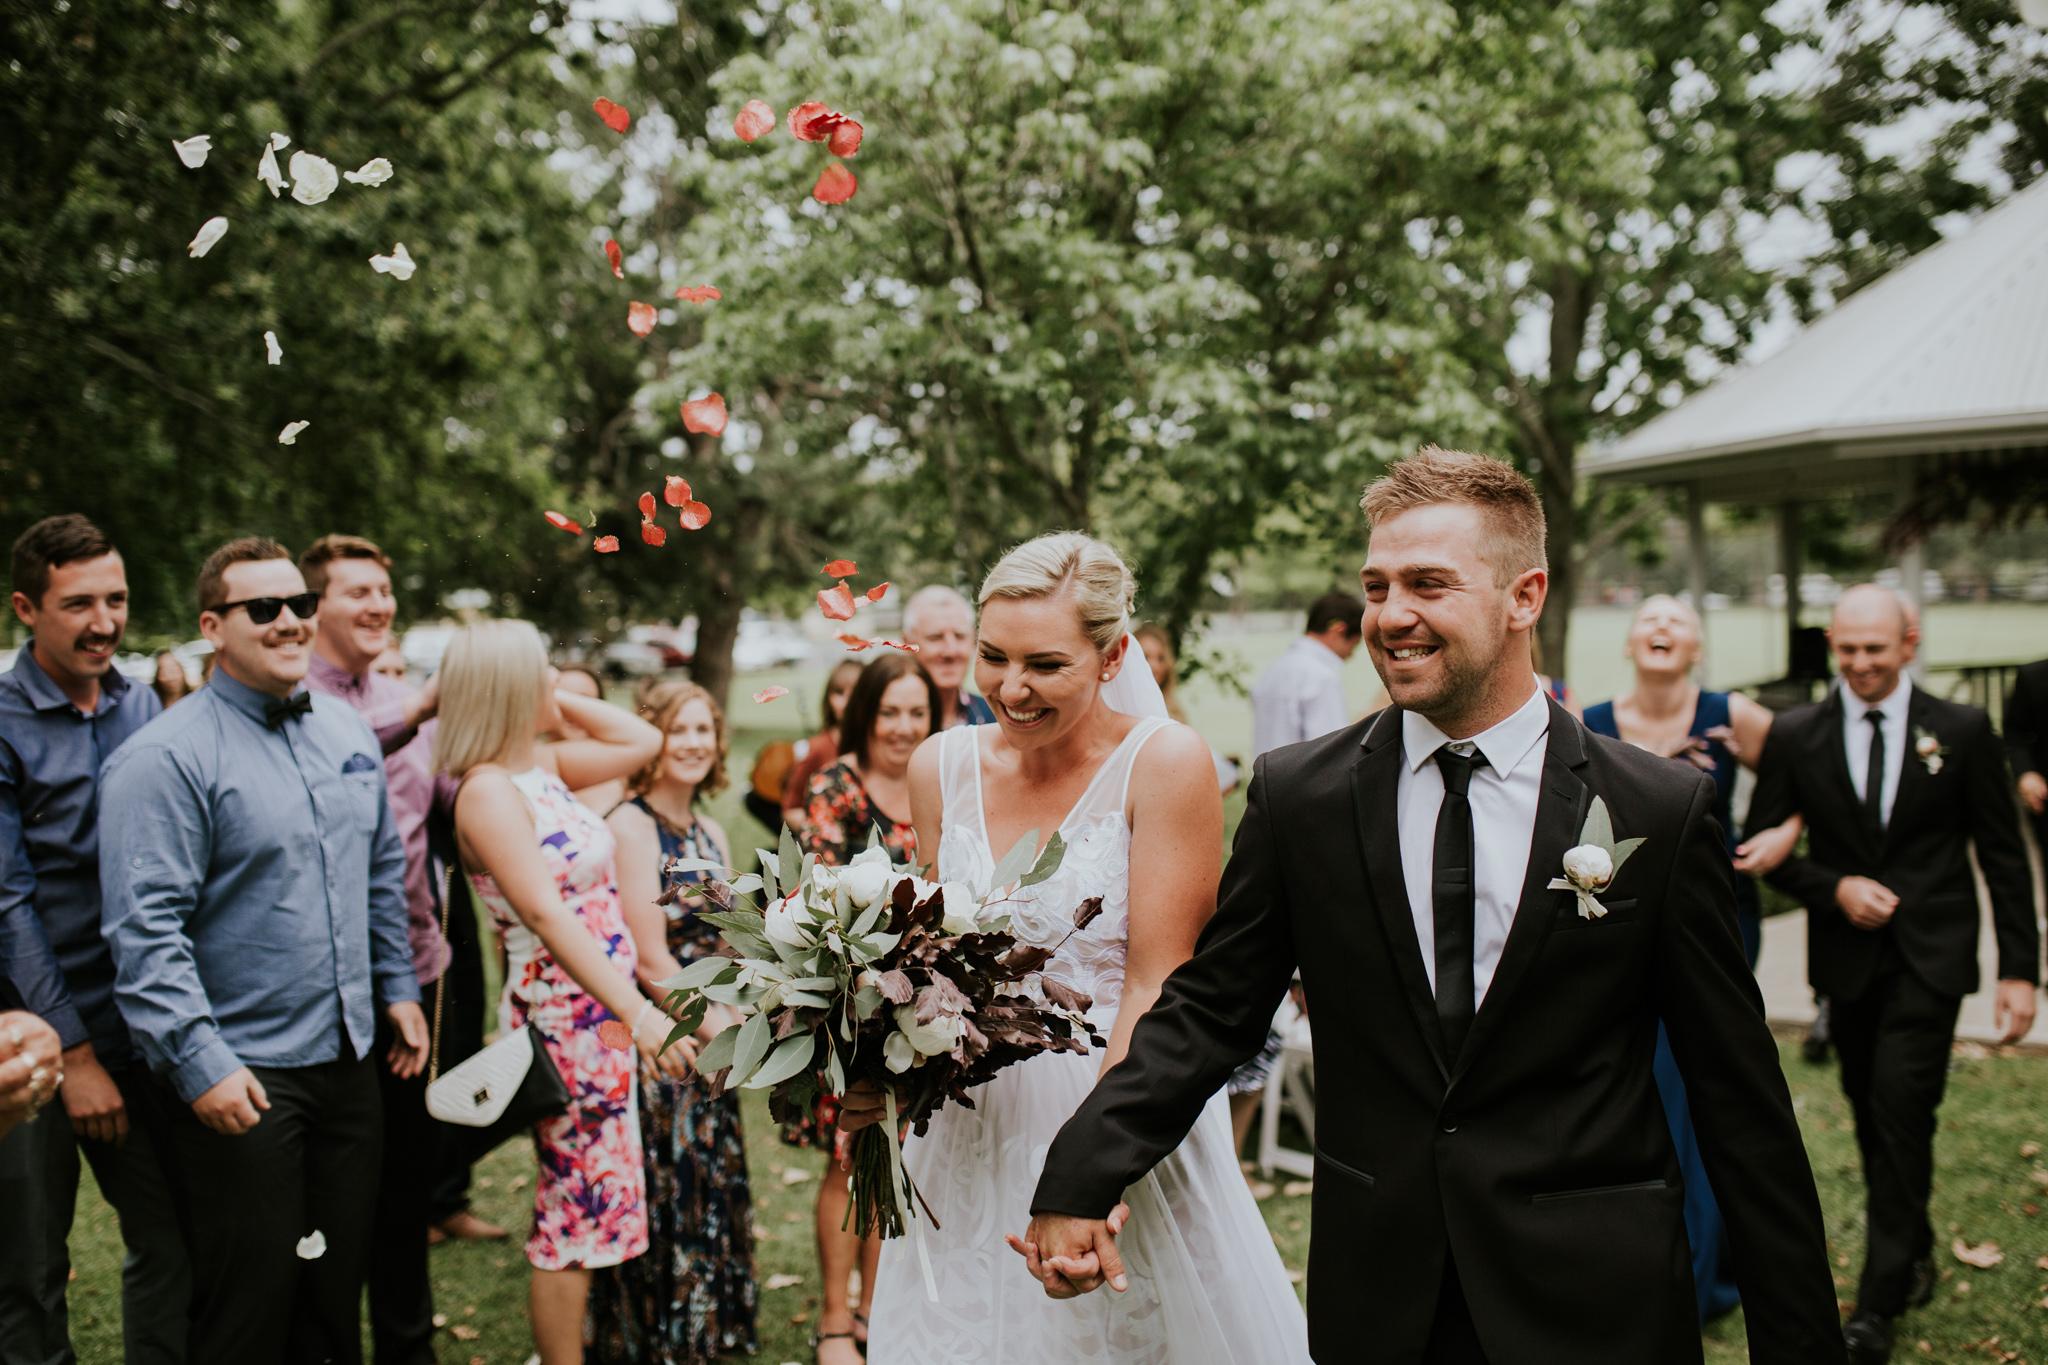 Lucy+Kyle+Kiama+Sebel+wedding-82.jpg